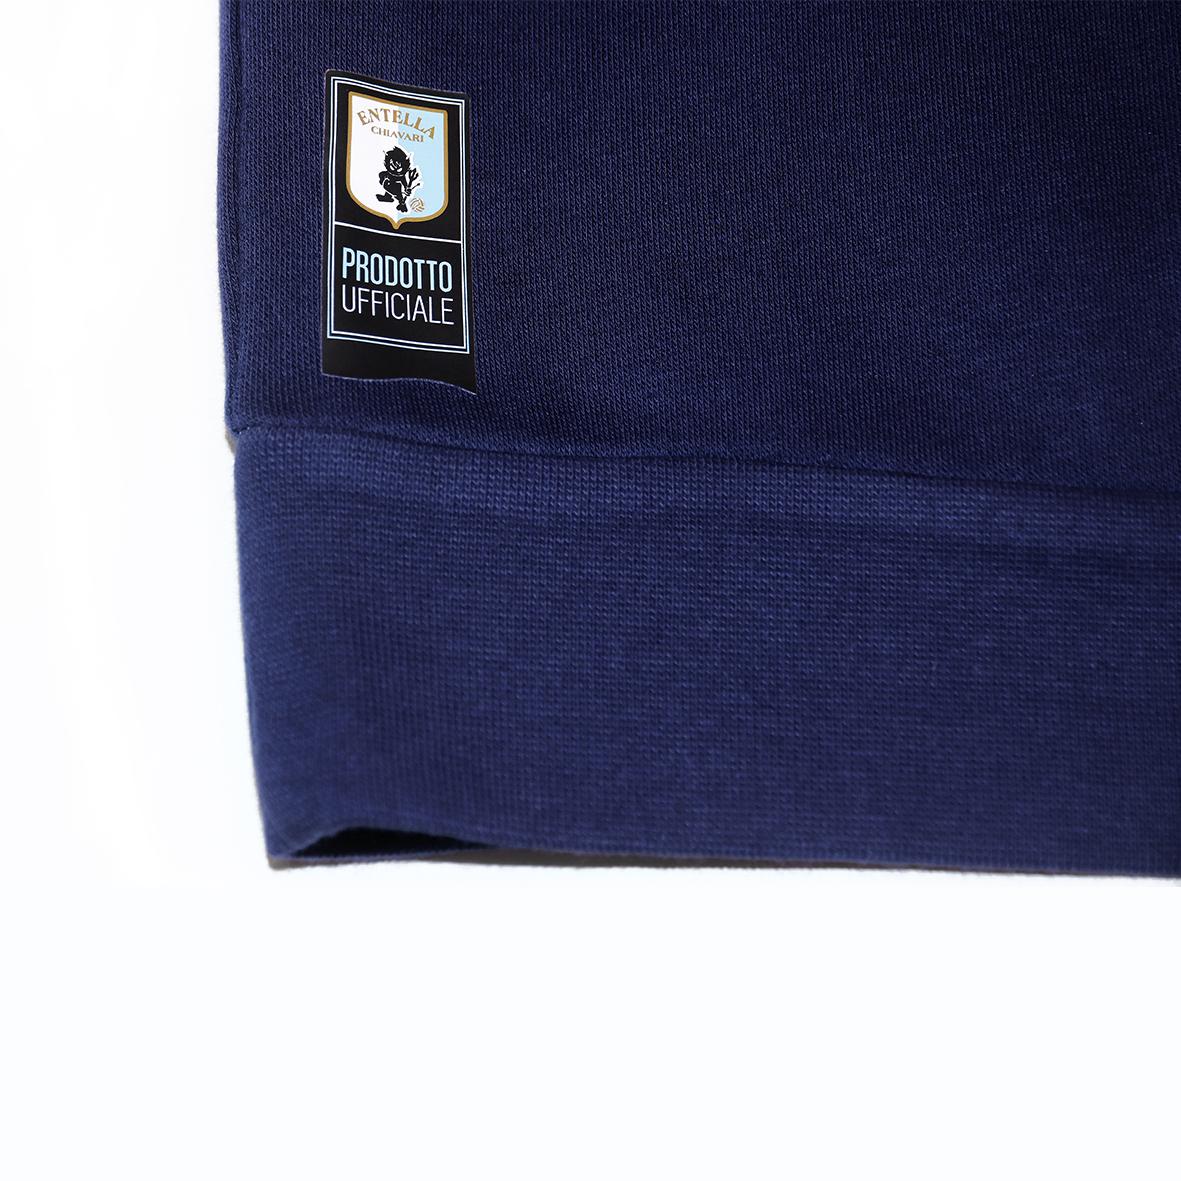 Felpa blu Adulto & Junior  con cappuccio no zip - Virtus Entella Store